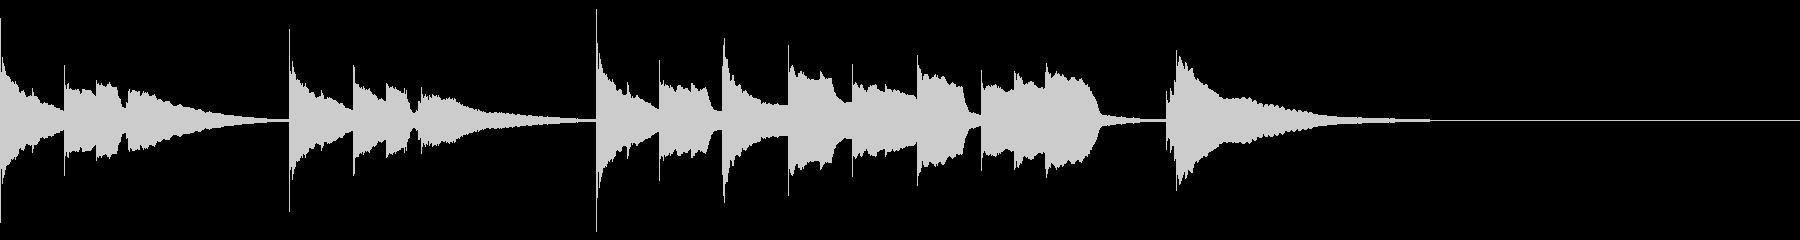 エンディング  E.ピアノソロ 切ないの未再生の波形